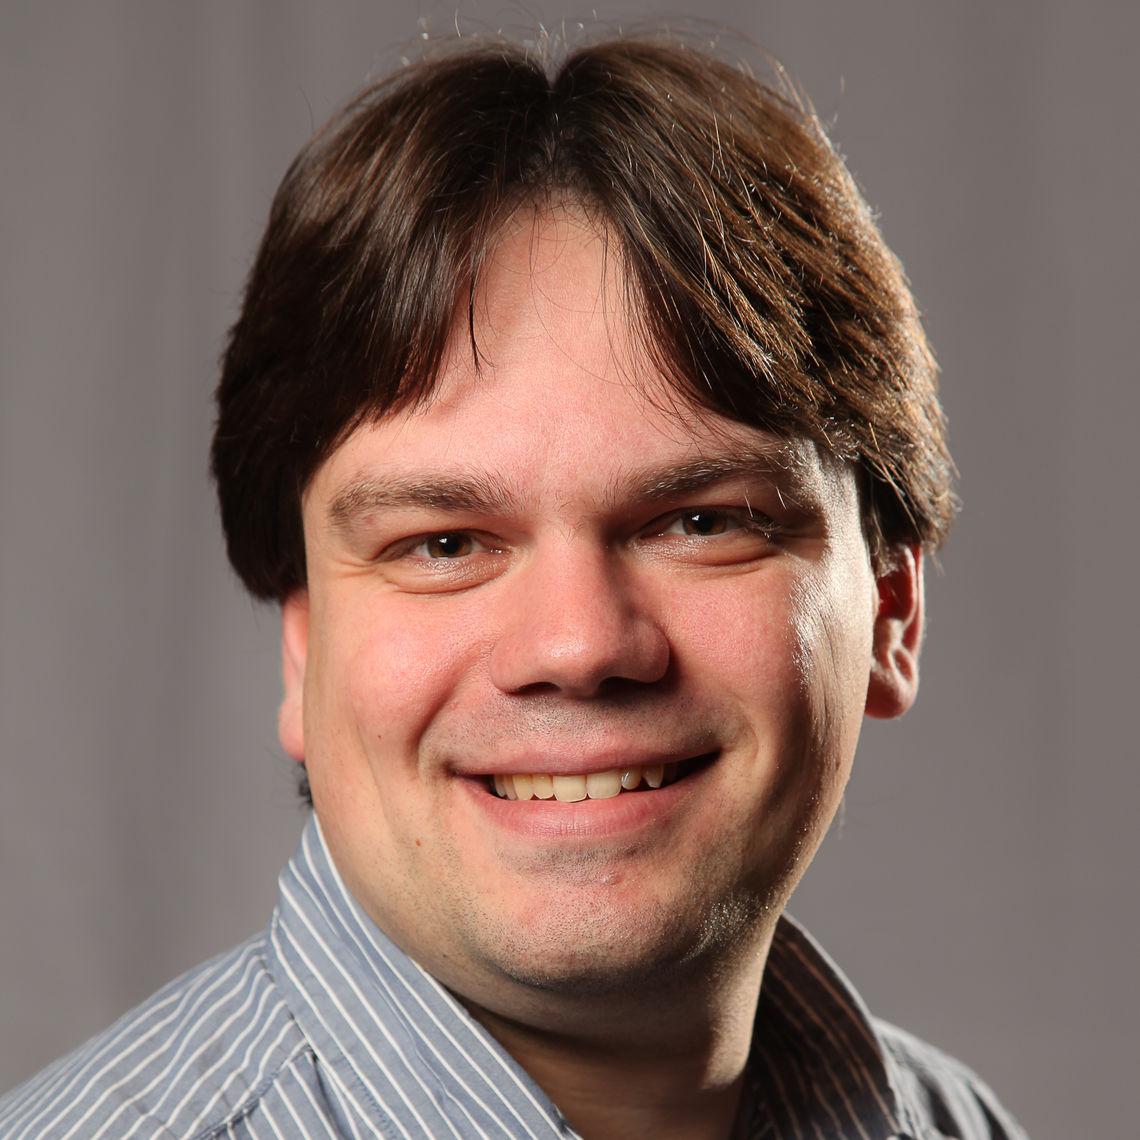 Erik Talvitie